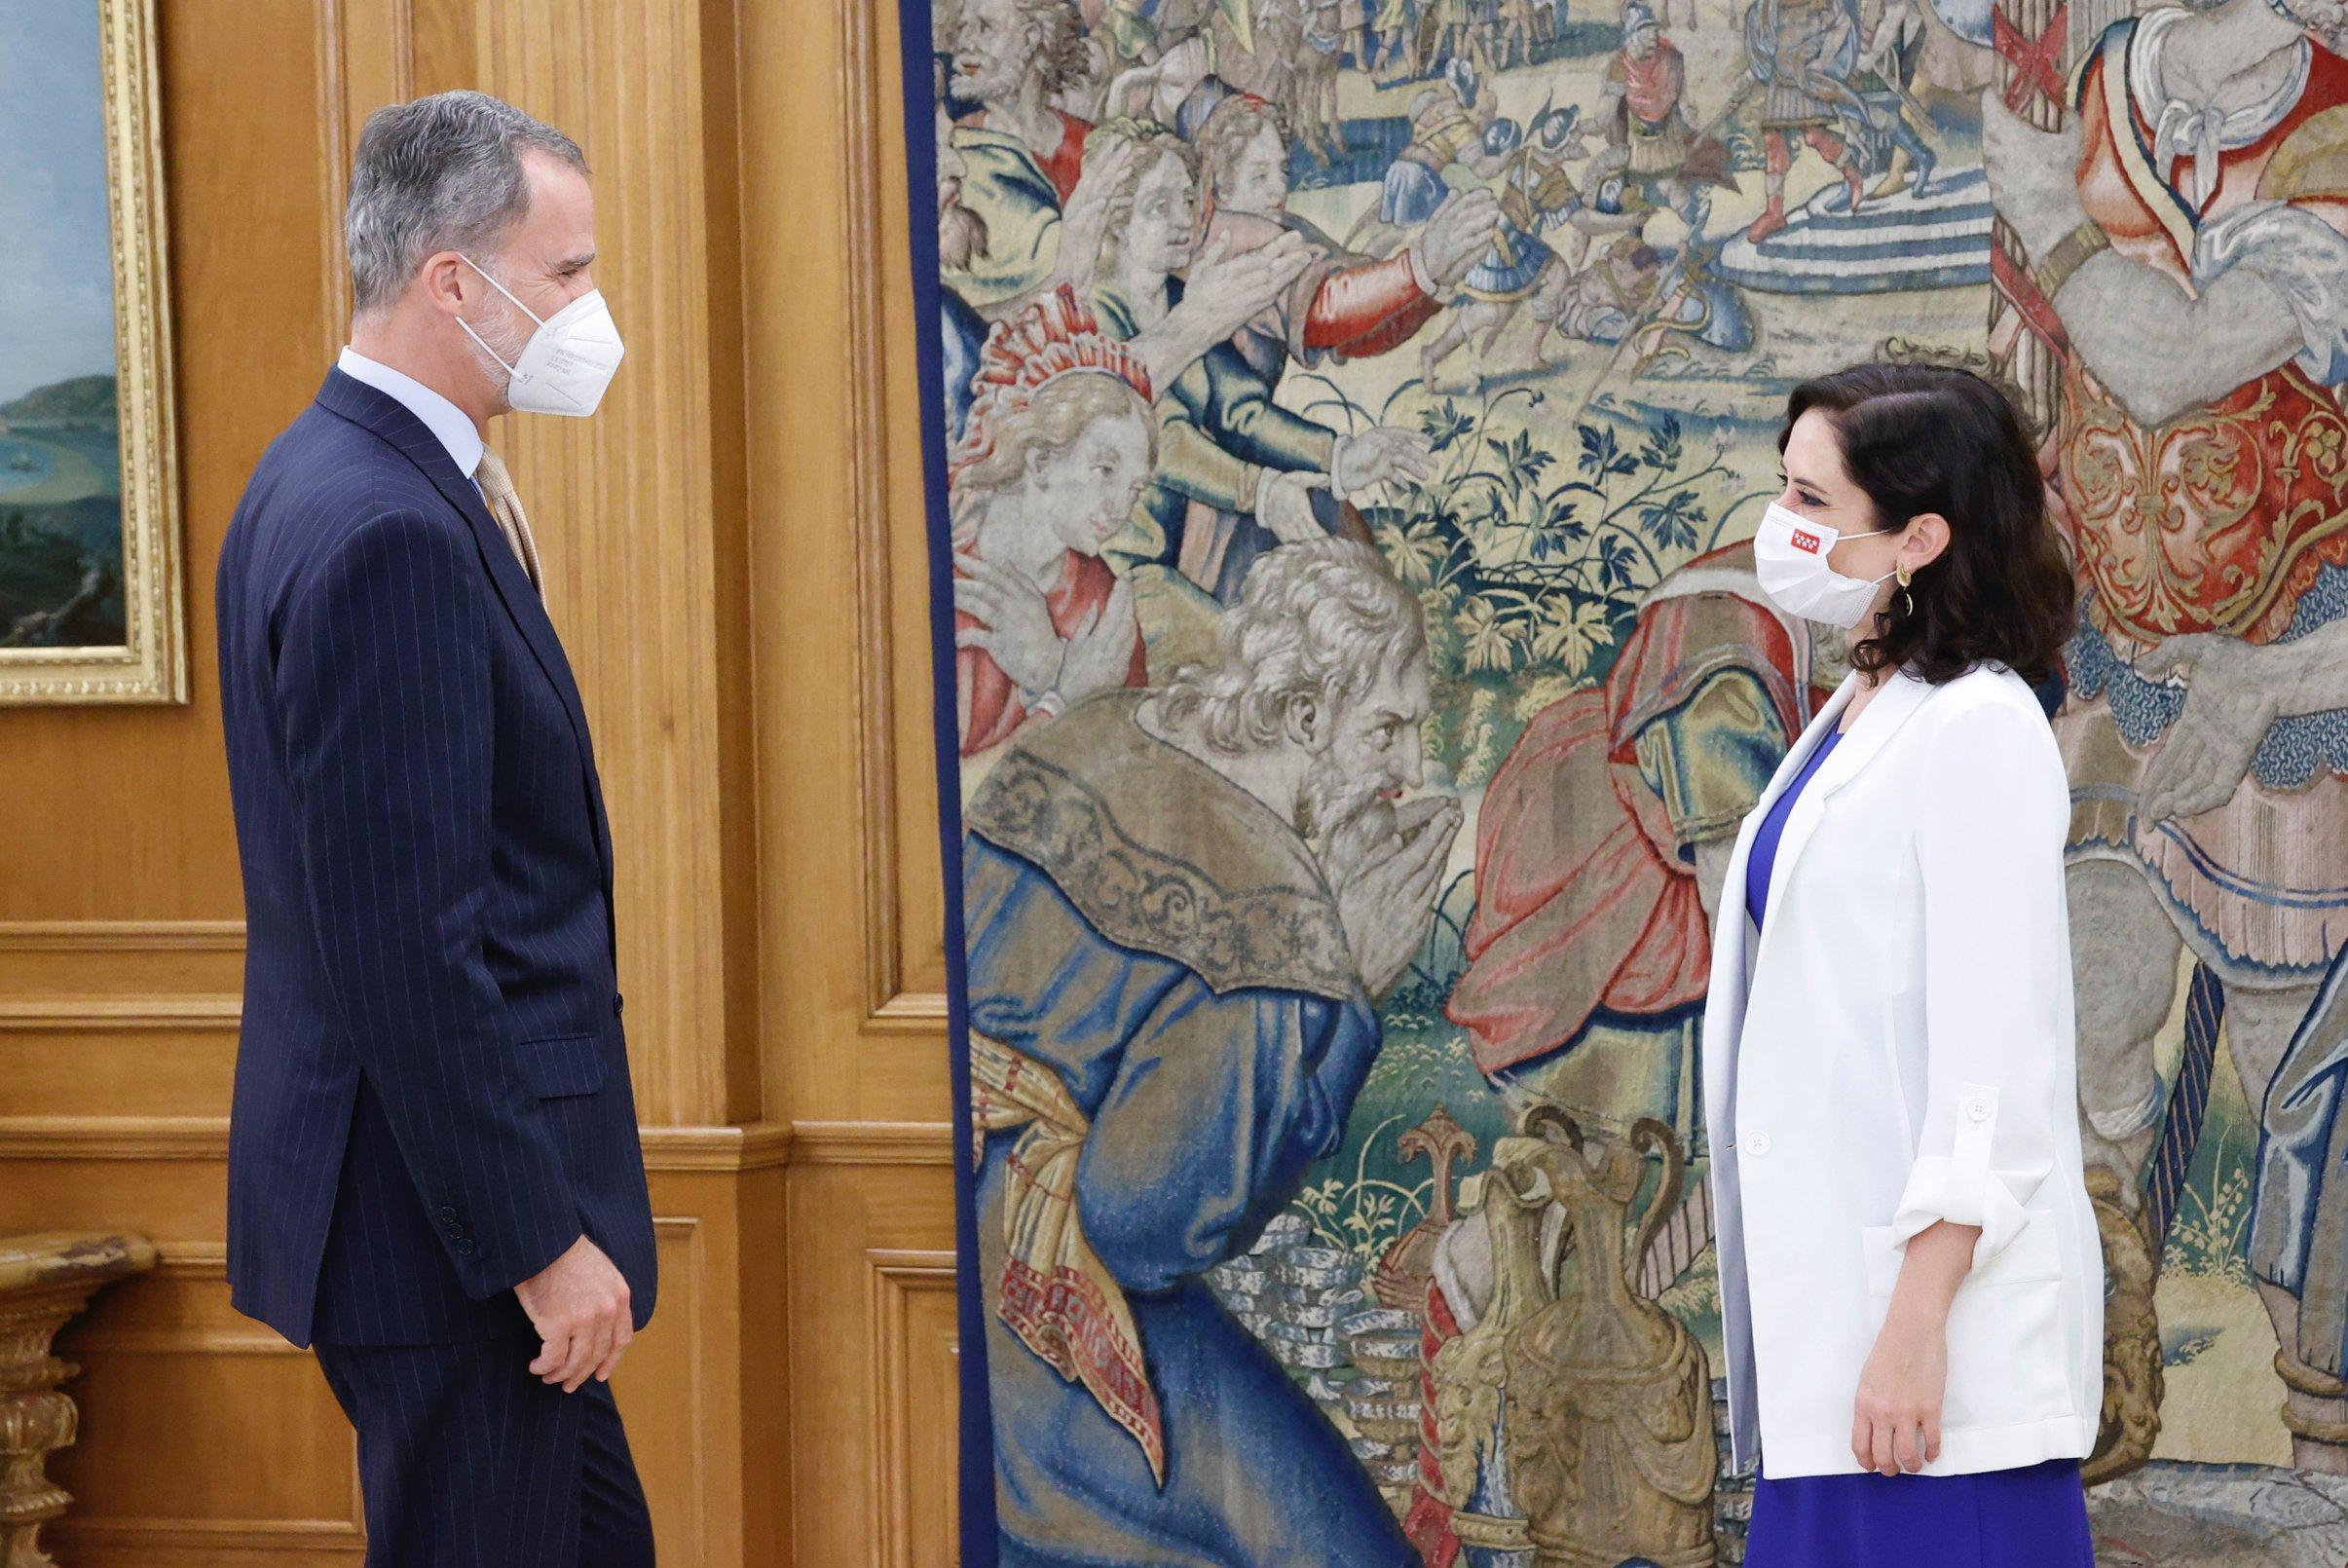 El Rey Felipe VI recibe a Isabel Díaz Ayuso en la Zarzuela: La reunión protocolaria que 'aterra' a Pedro Sánchez